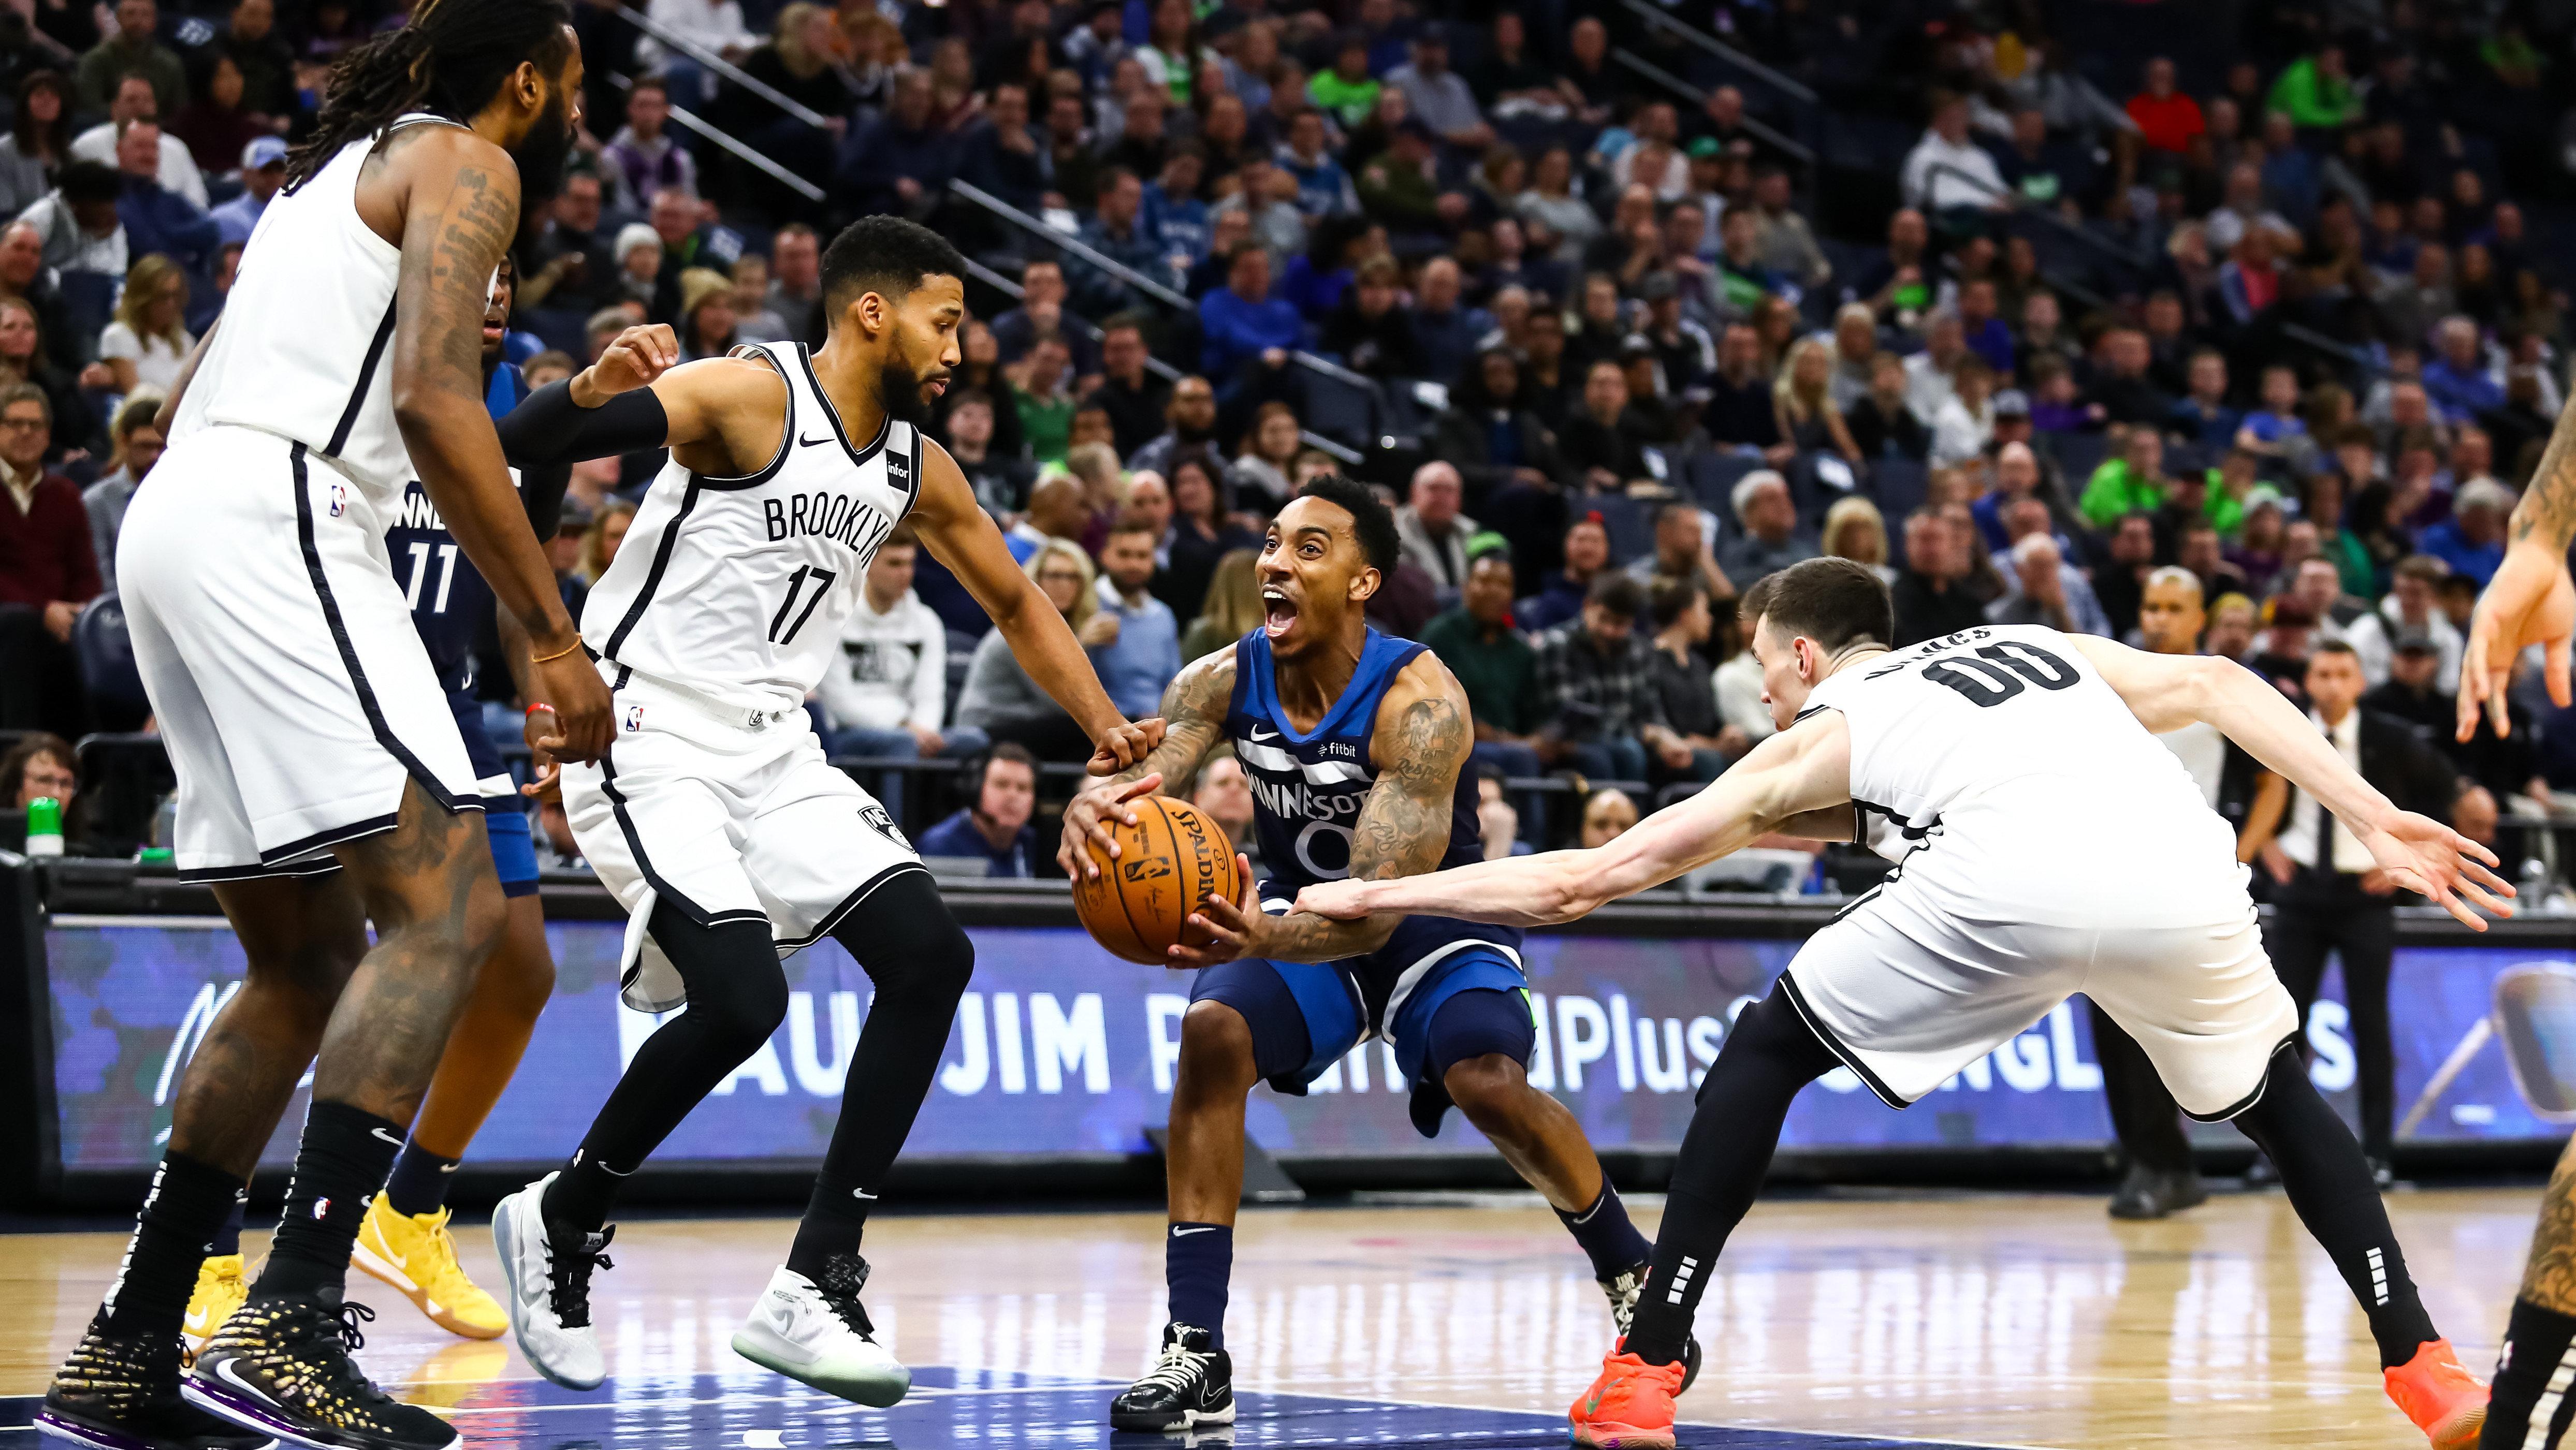 【原声回放】篮网vs森林狼第4节 吉昂底角关键三分点燃全场_NBA全场回放